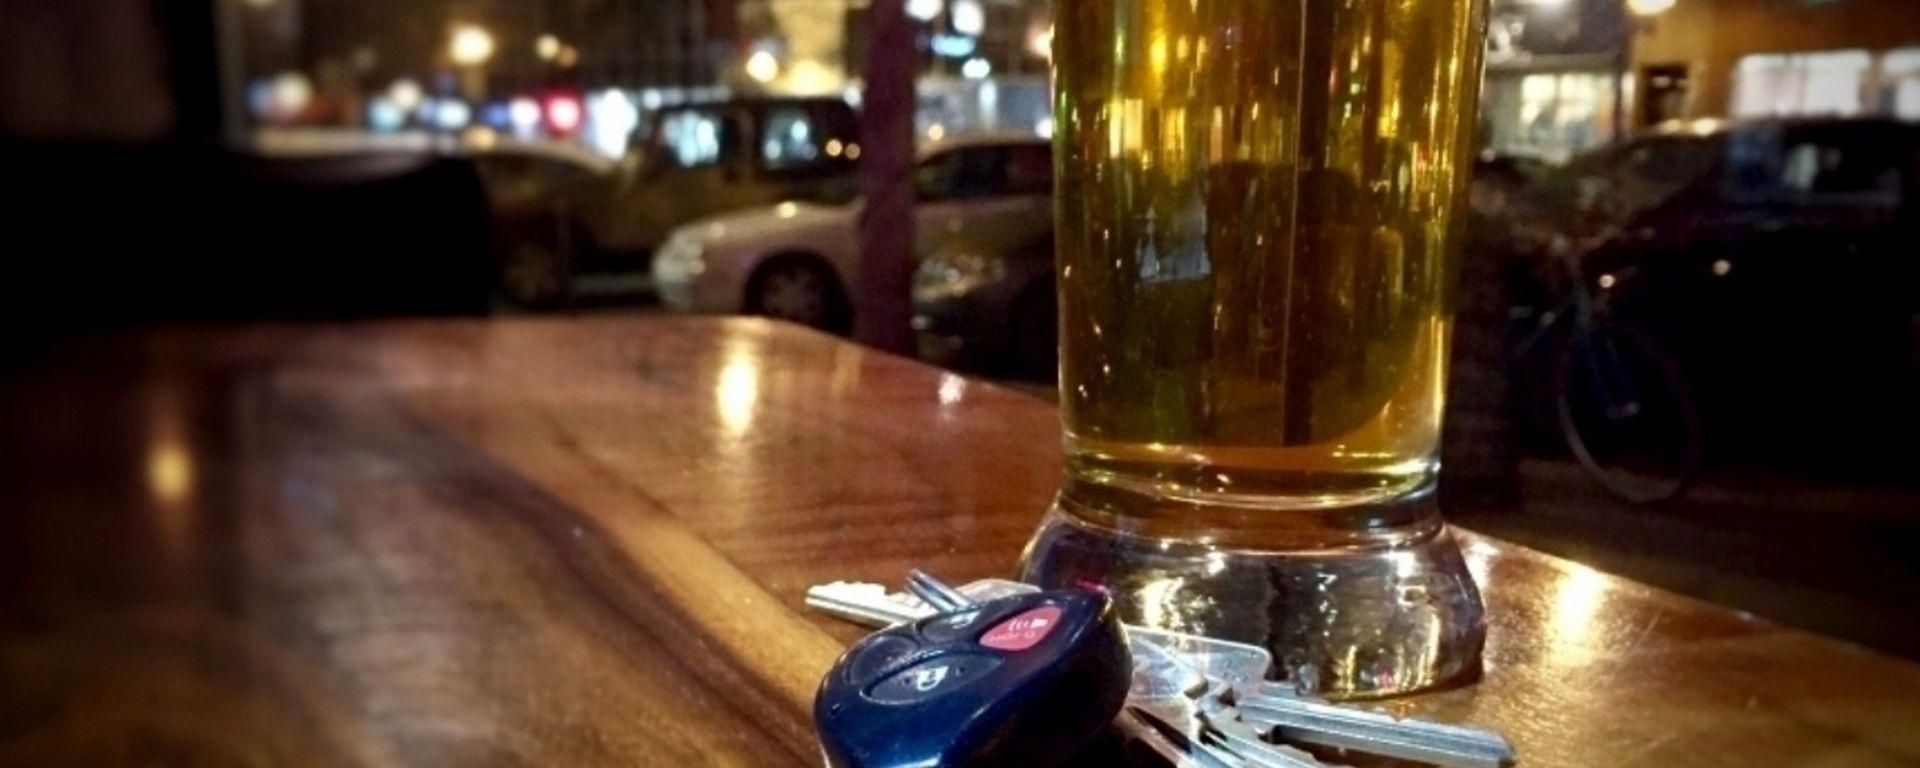 Il magistrato Giovannini: carcere per chi guida sotto effetto dell'alcol